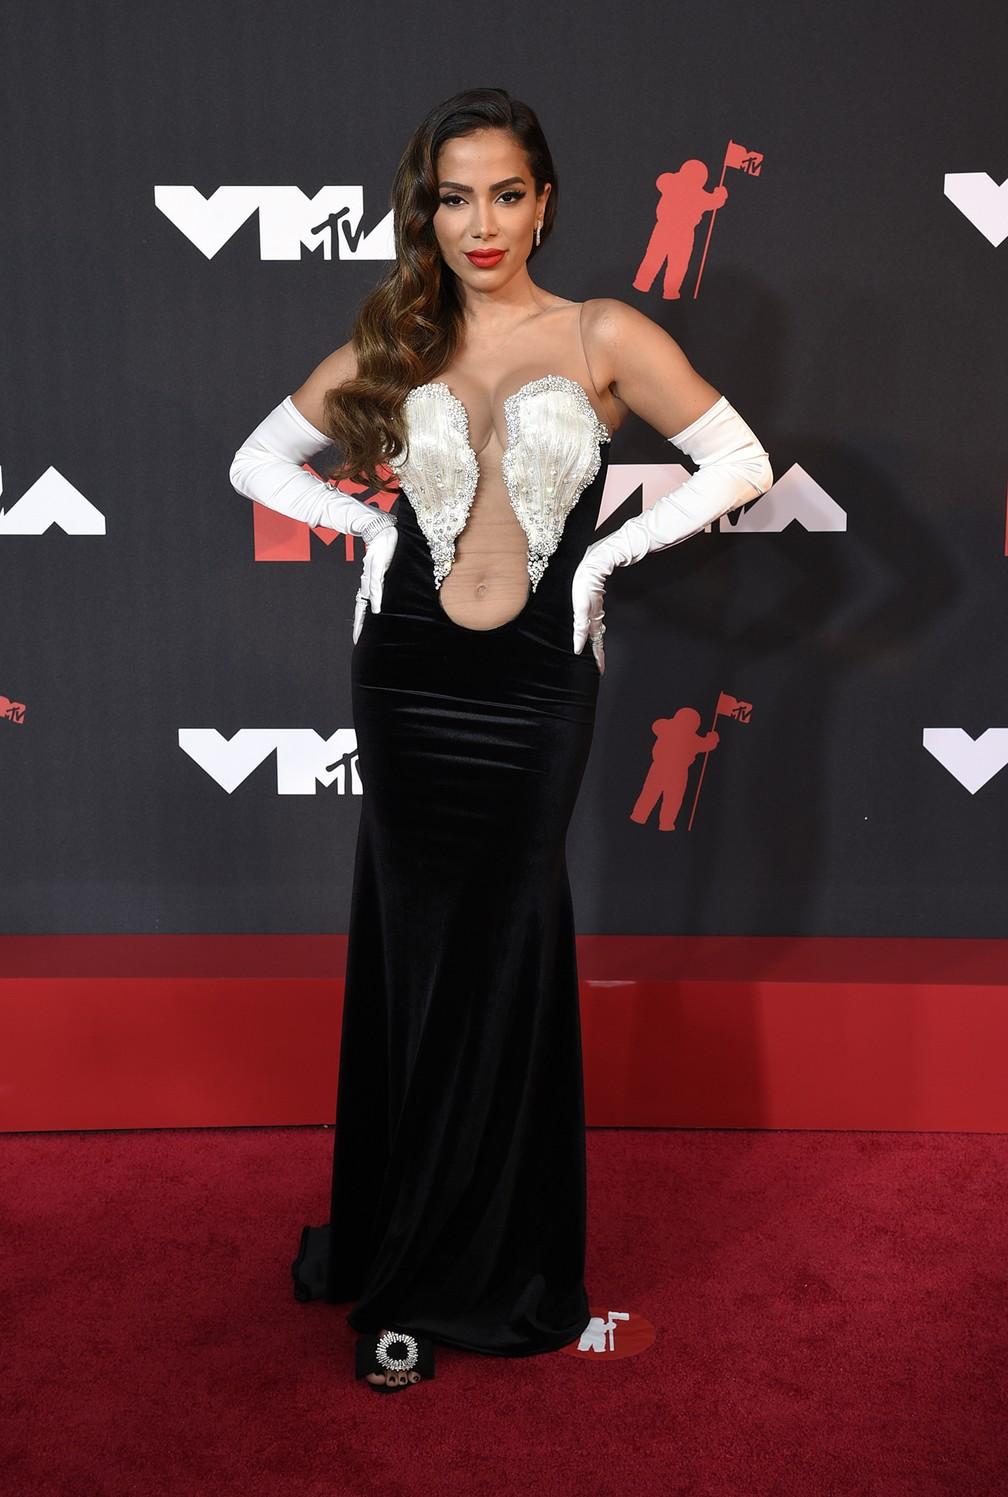 Mulher branca está de pé no tapete vermelho, tem cabelo escuro solto, com vestido preto e detalhes em branco no busto, além de usar luvas compridas brancas, está de sapatos pretos. Foto: Evan Agostini/Invision/AP. Post Looks icônicos do VMA e Met Gala 2021.